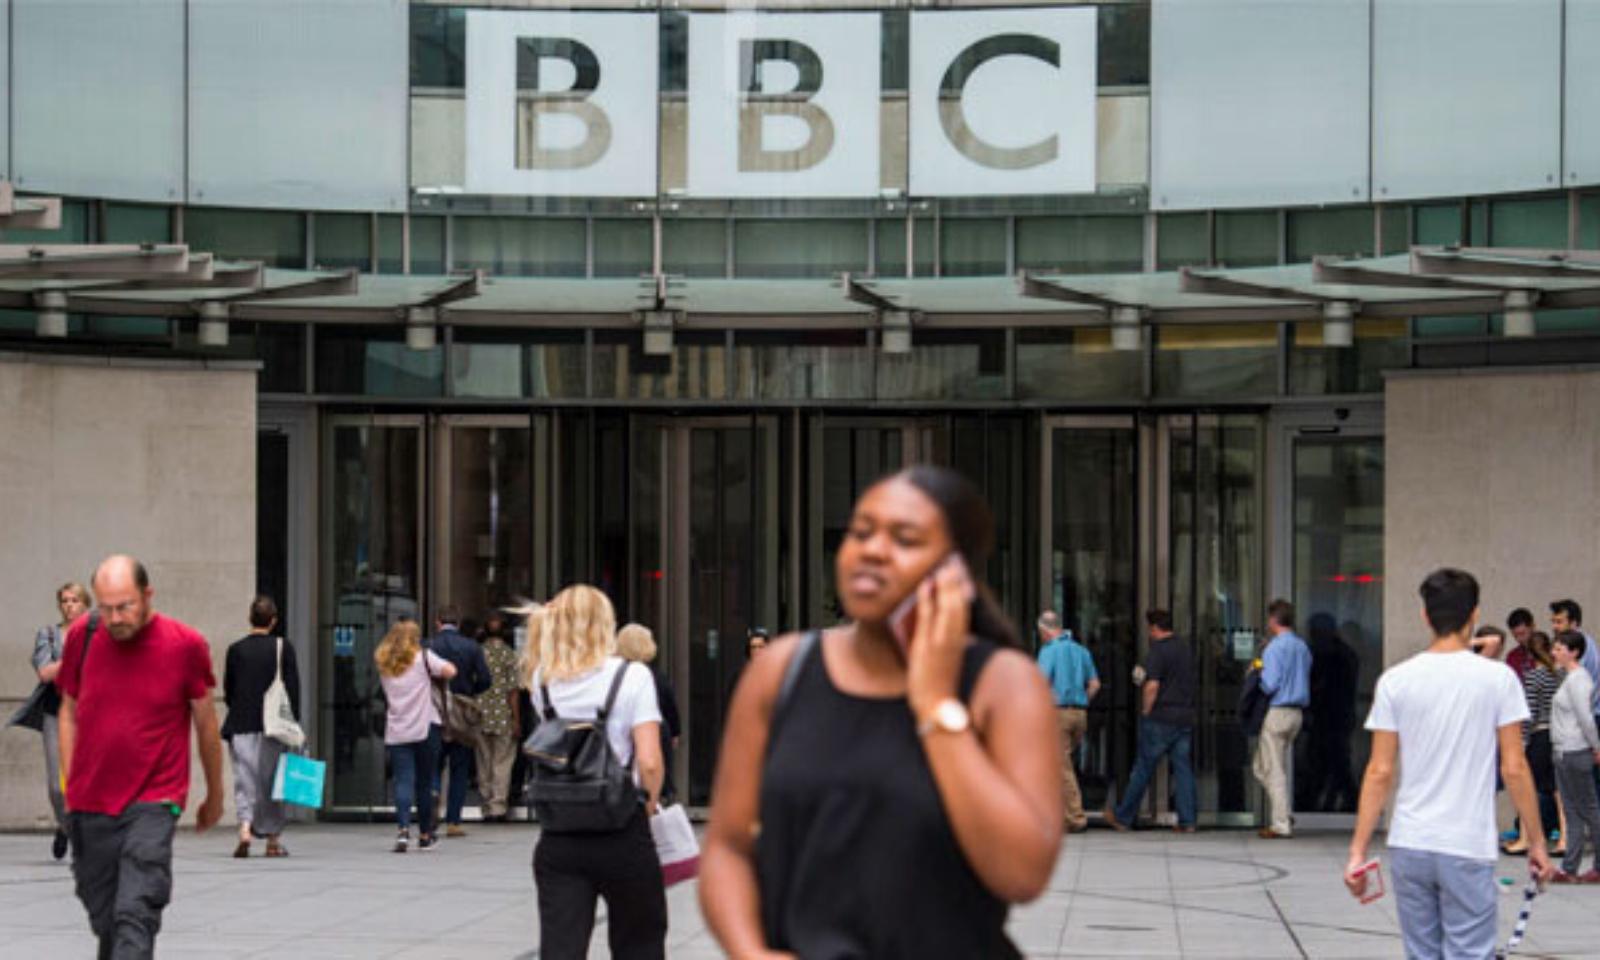 BBC Centre entrance London.